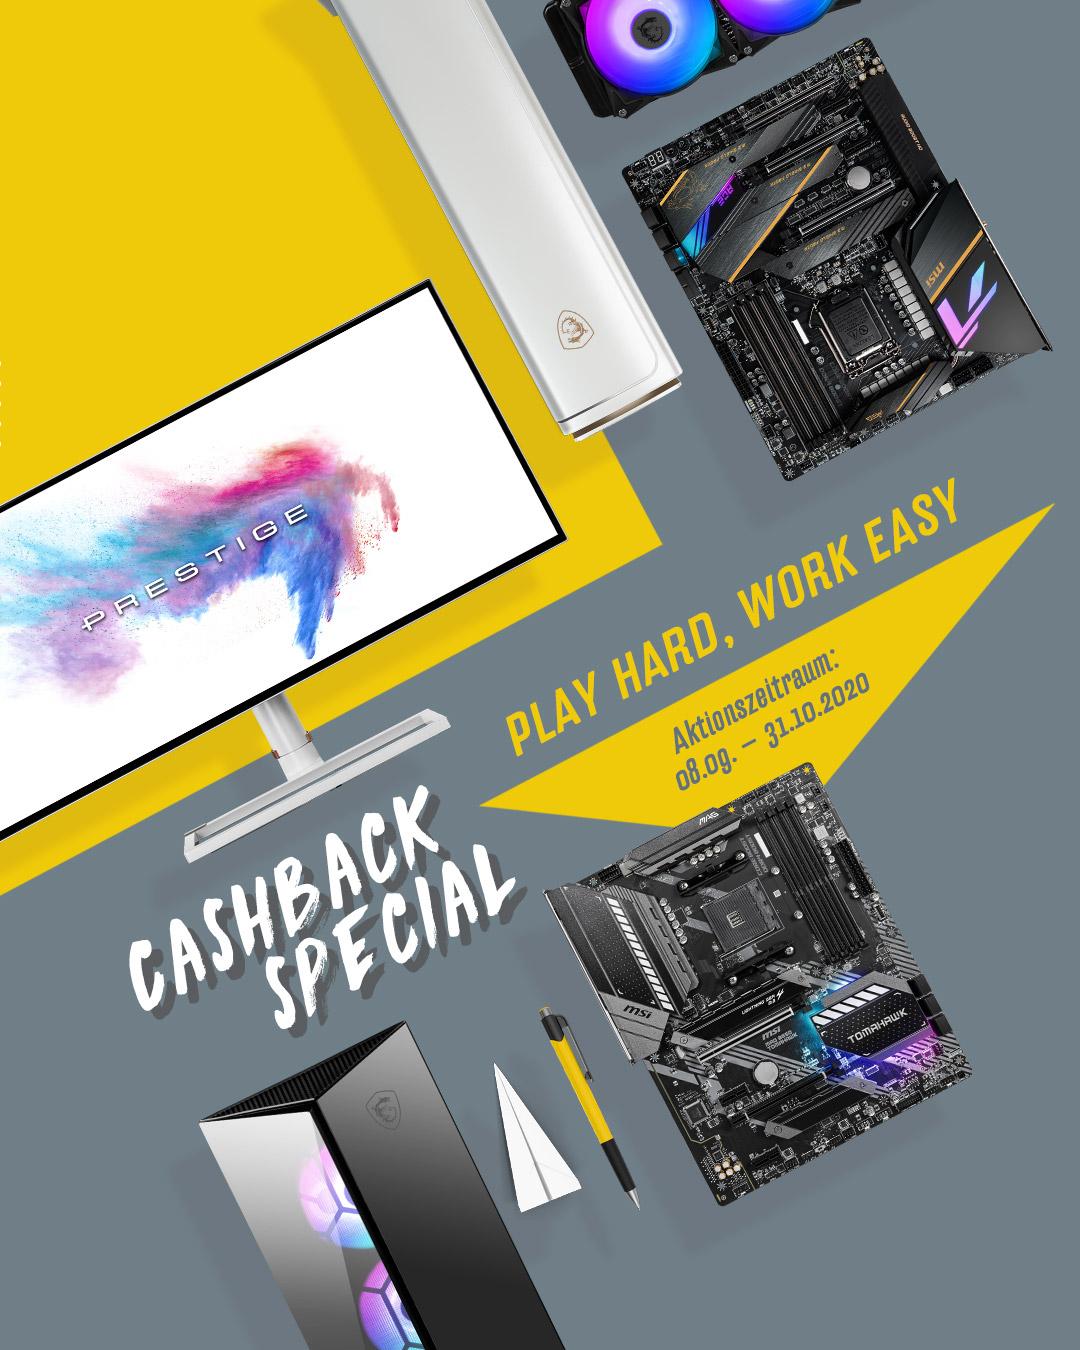 Cashback Specials 2020